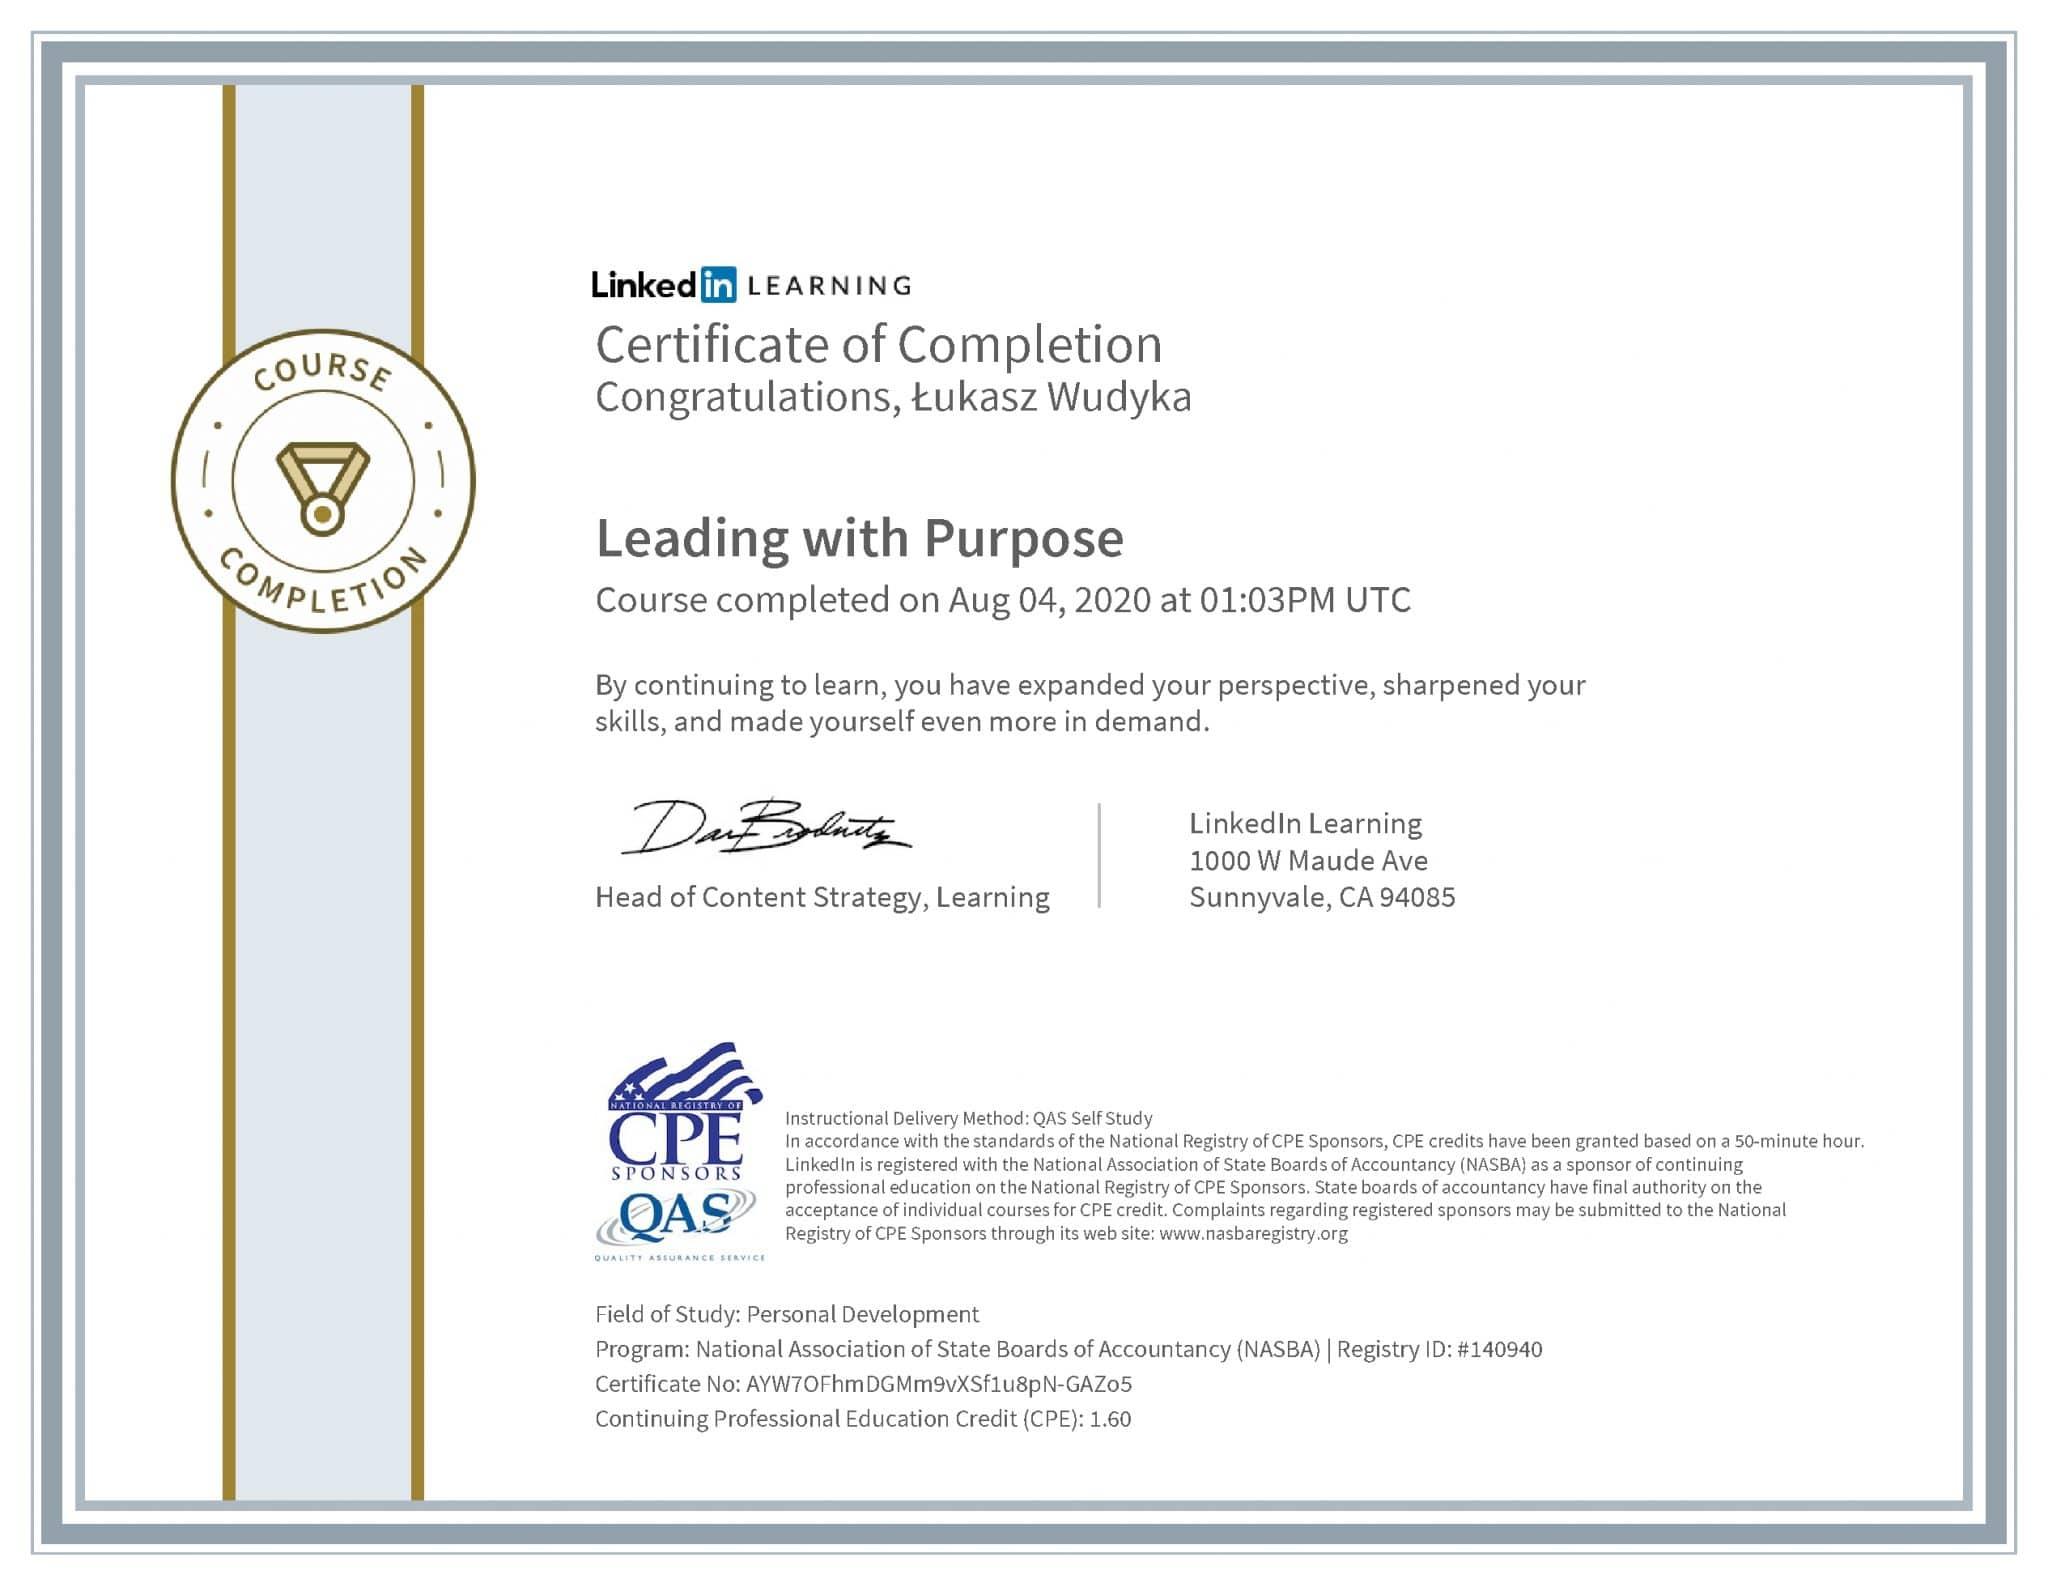 Łukasz Wudyka certyfikat LinkedIn Leading with Purpose NASBA